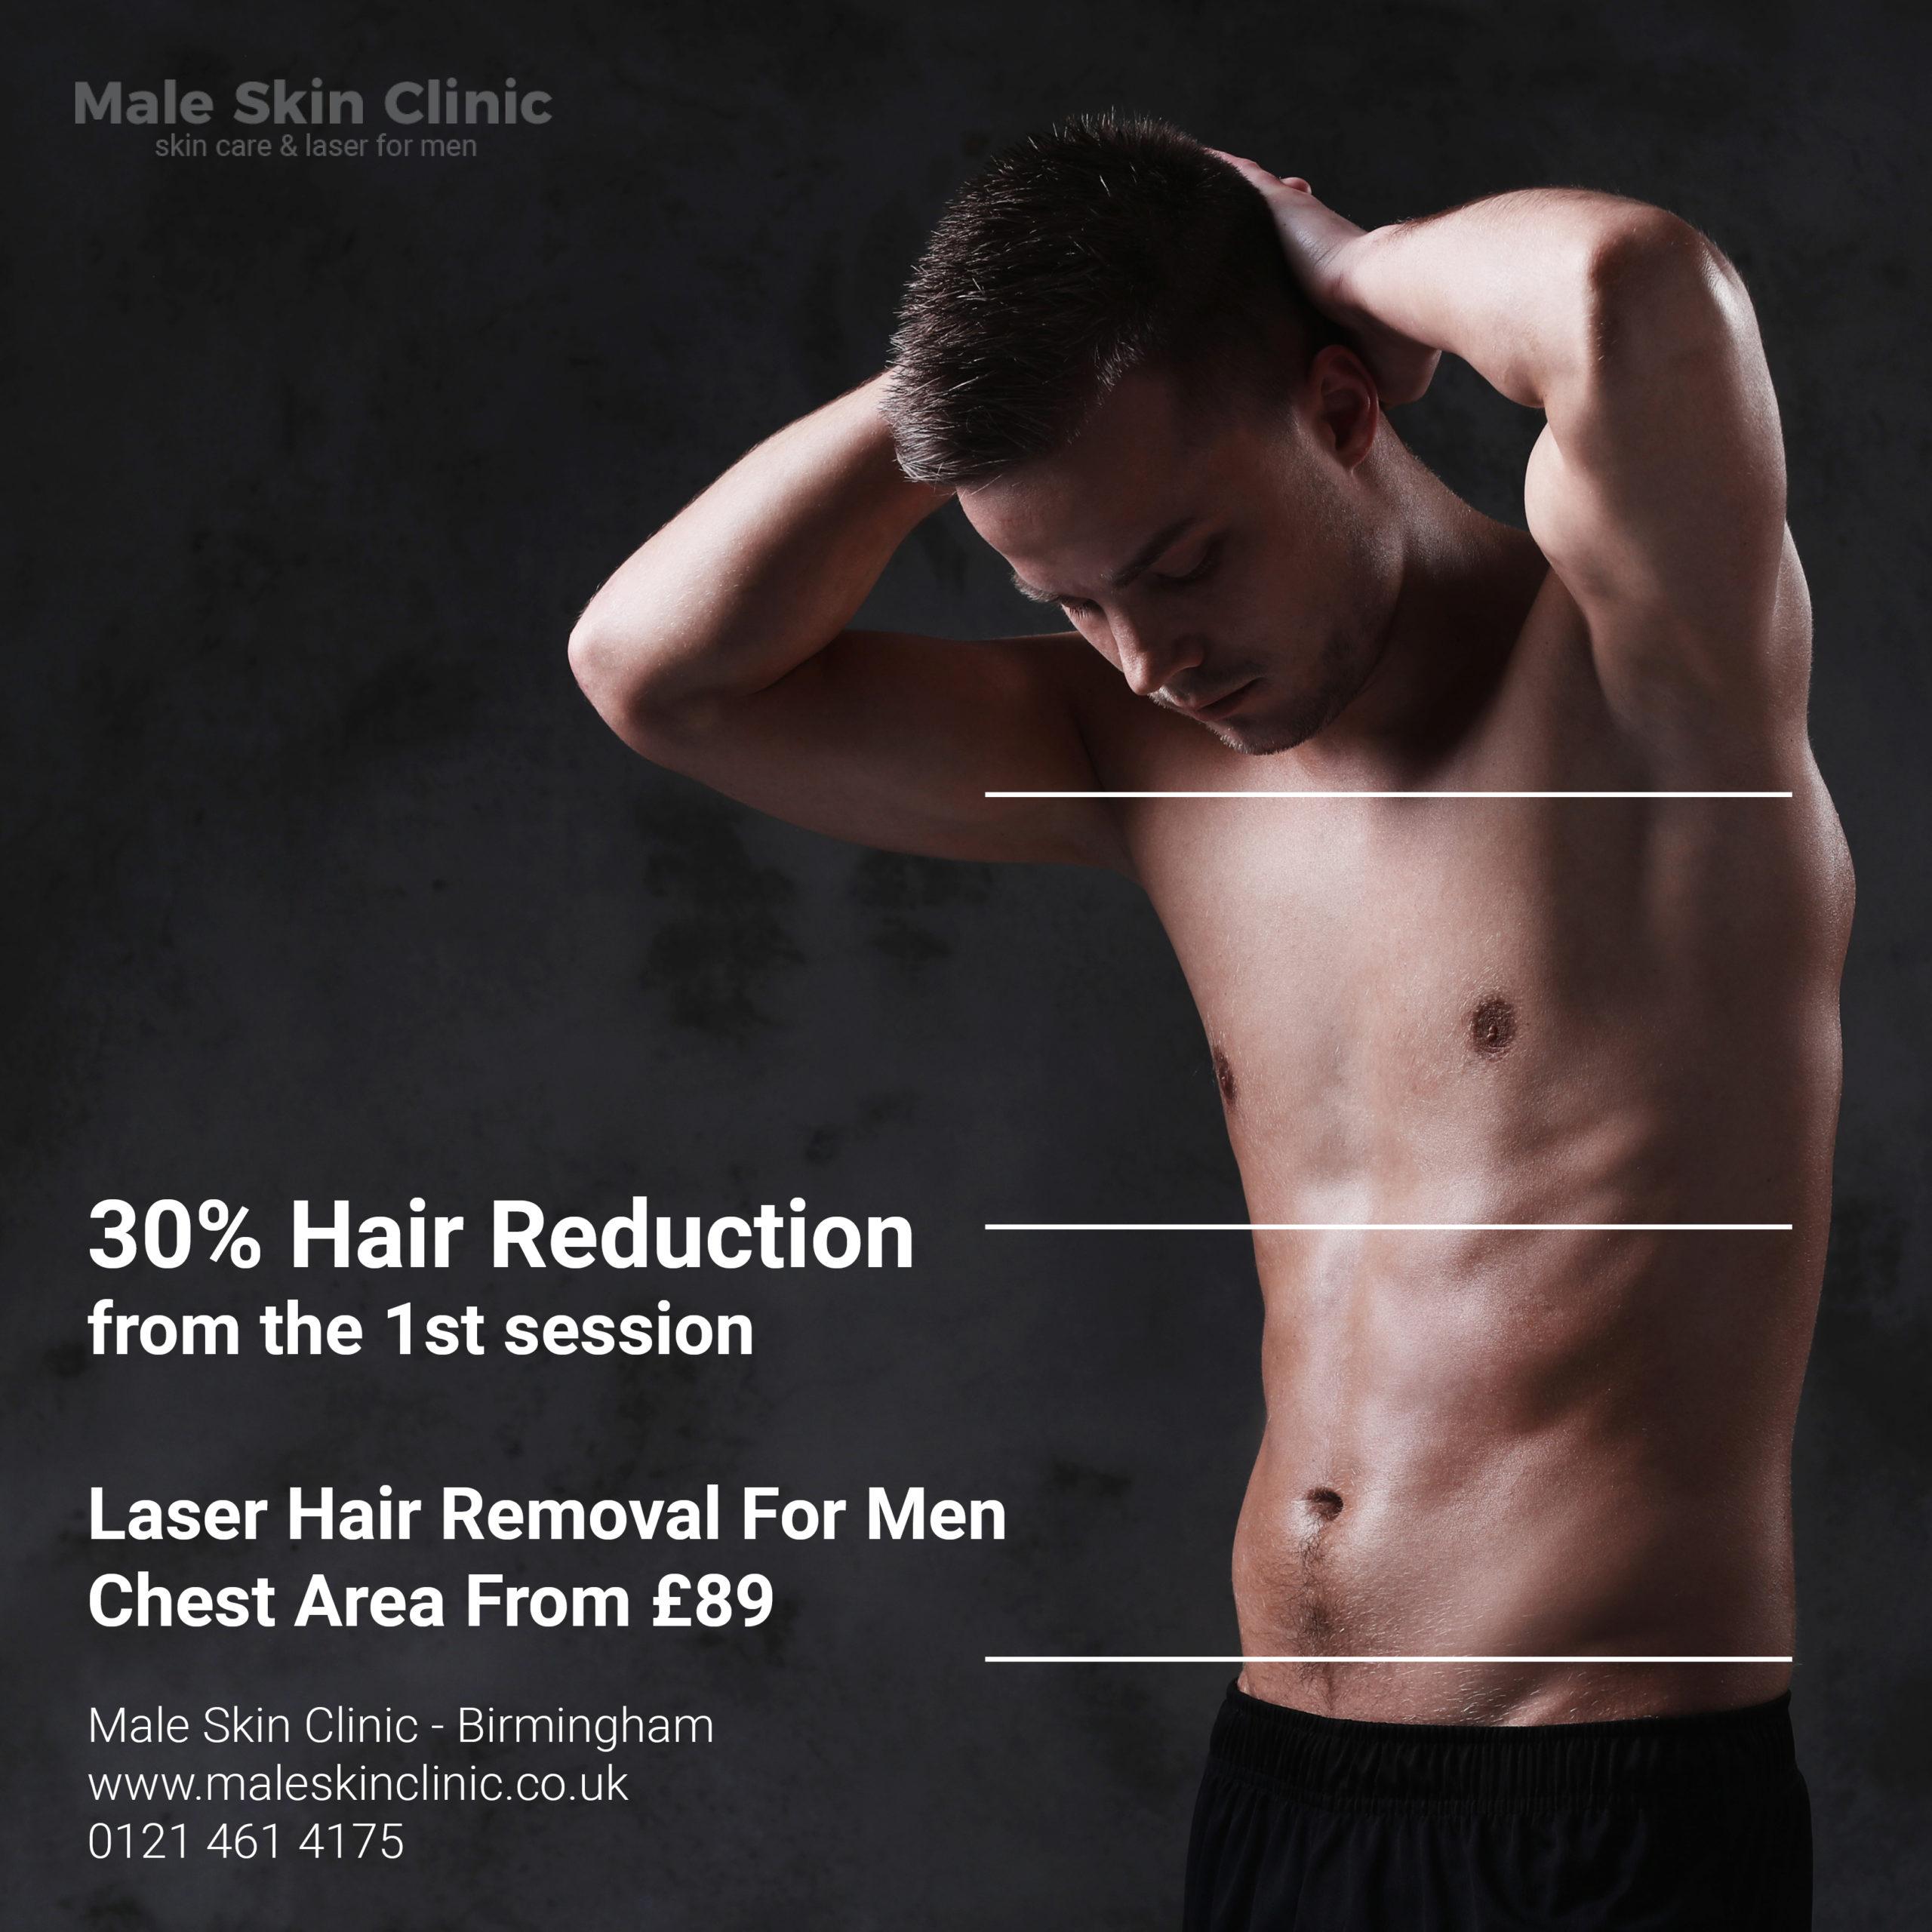 30% hair reduction for men